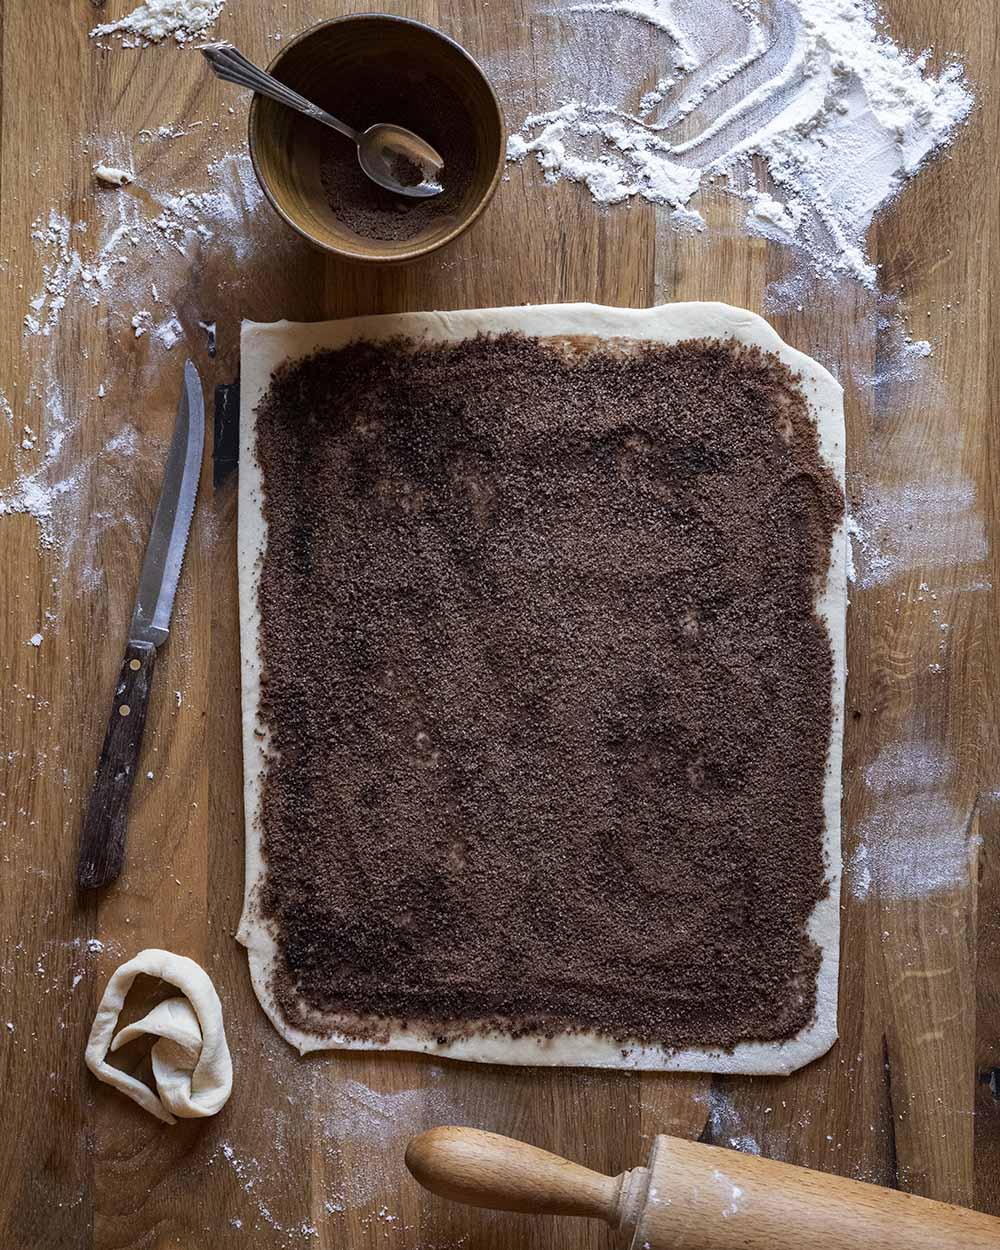 Das erste von mehreren Step-by-Step-Fotos: Wir haben den Teig für unsere Zimtschnecken ausgerollt und mit der Fülung aus Zucker, Zimt und Kakao eingestrichen.